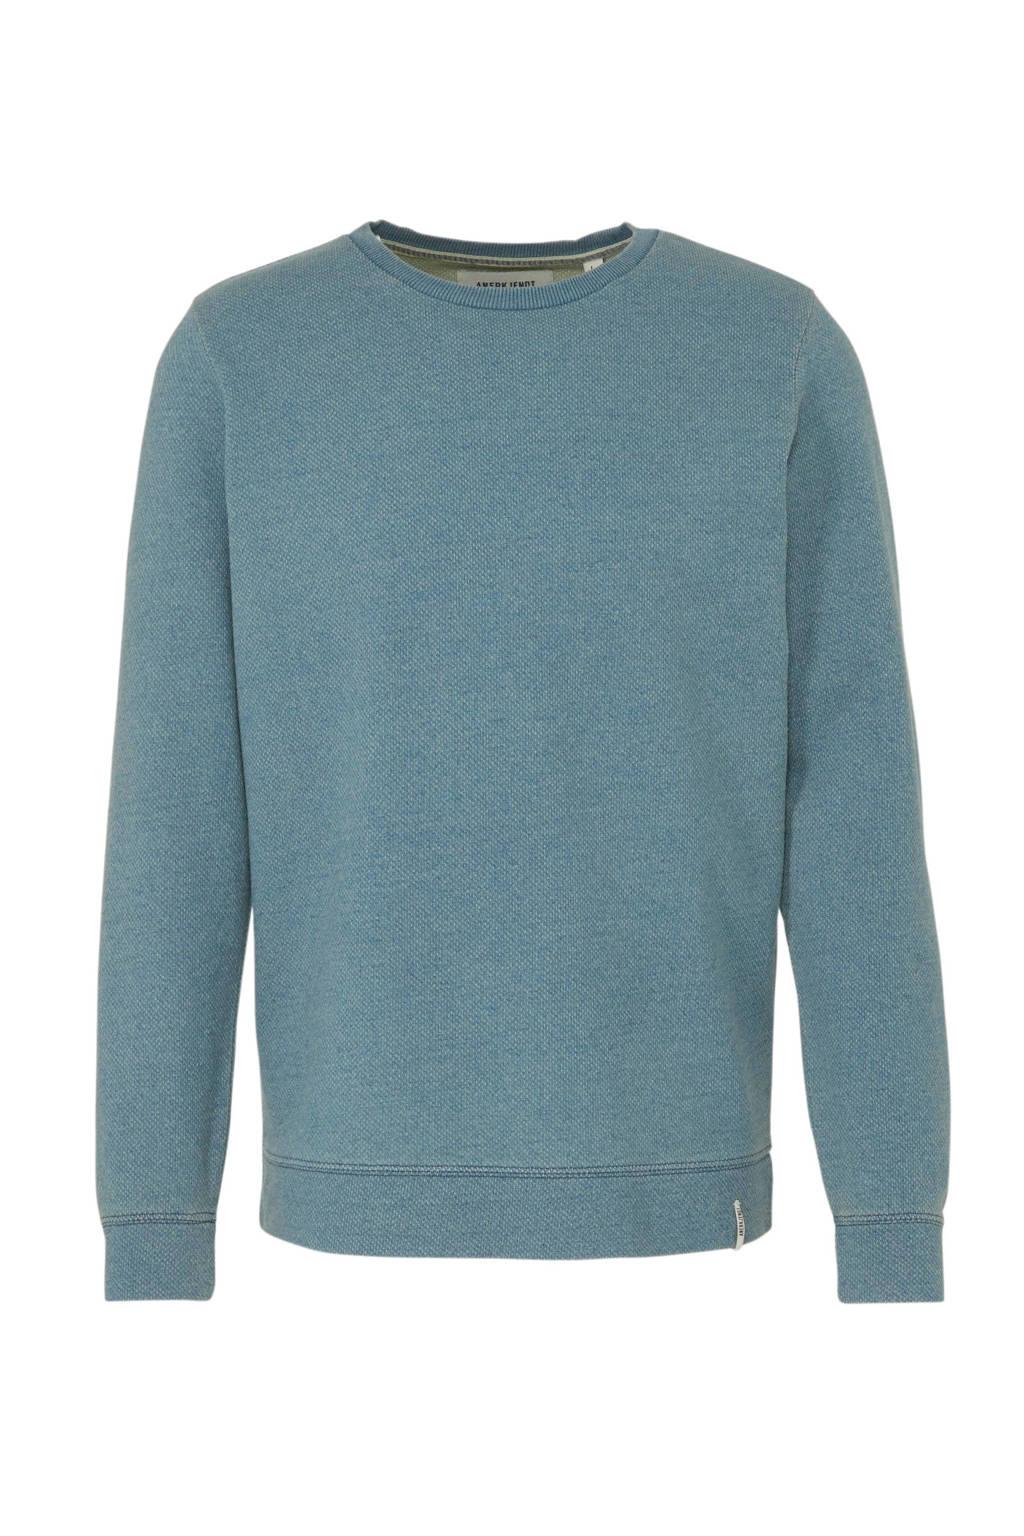 Anerkjendt sweater lichtblauw, Lichtblauw